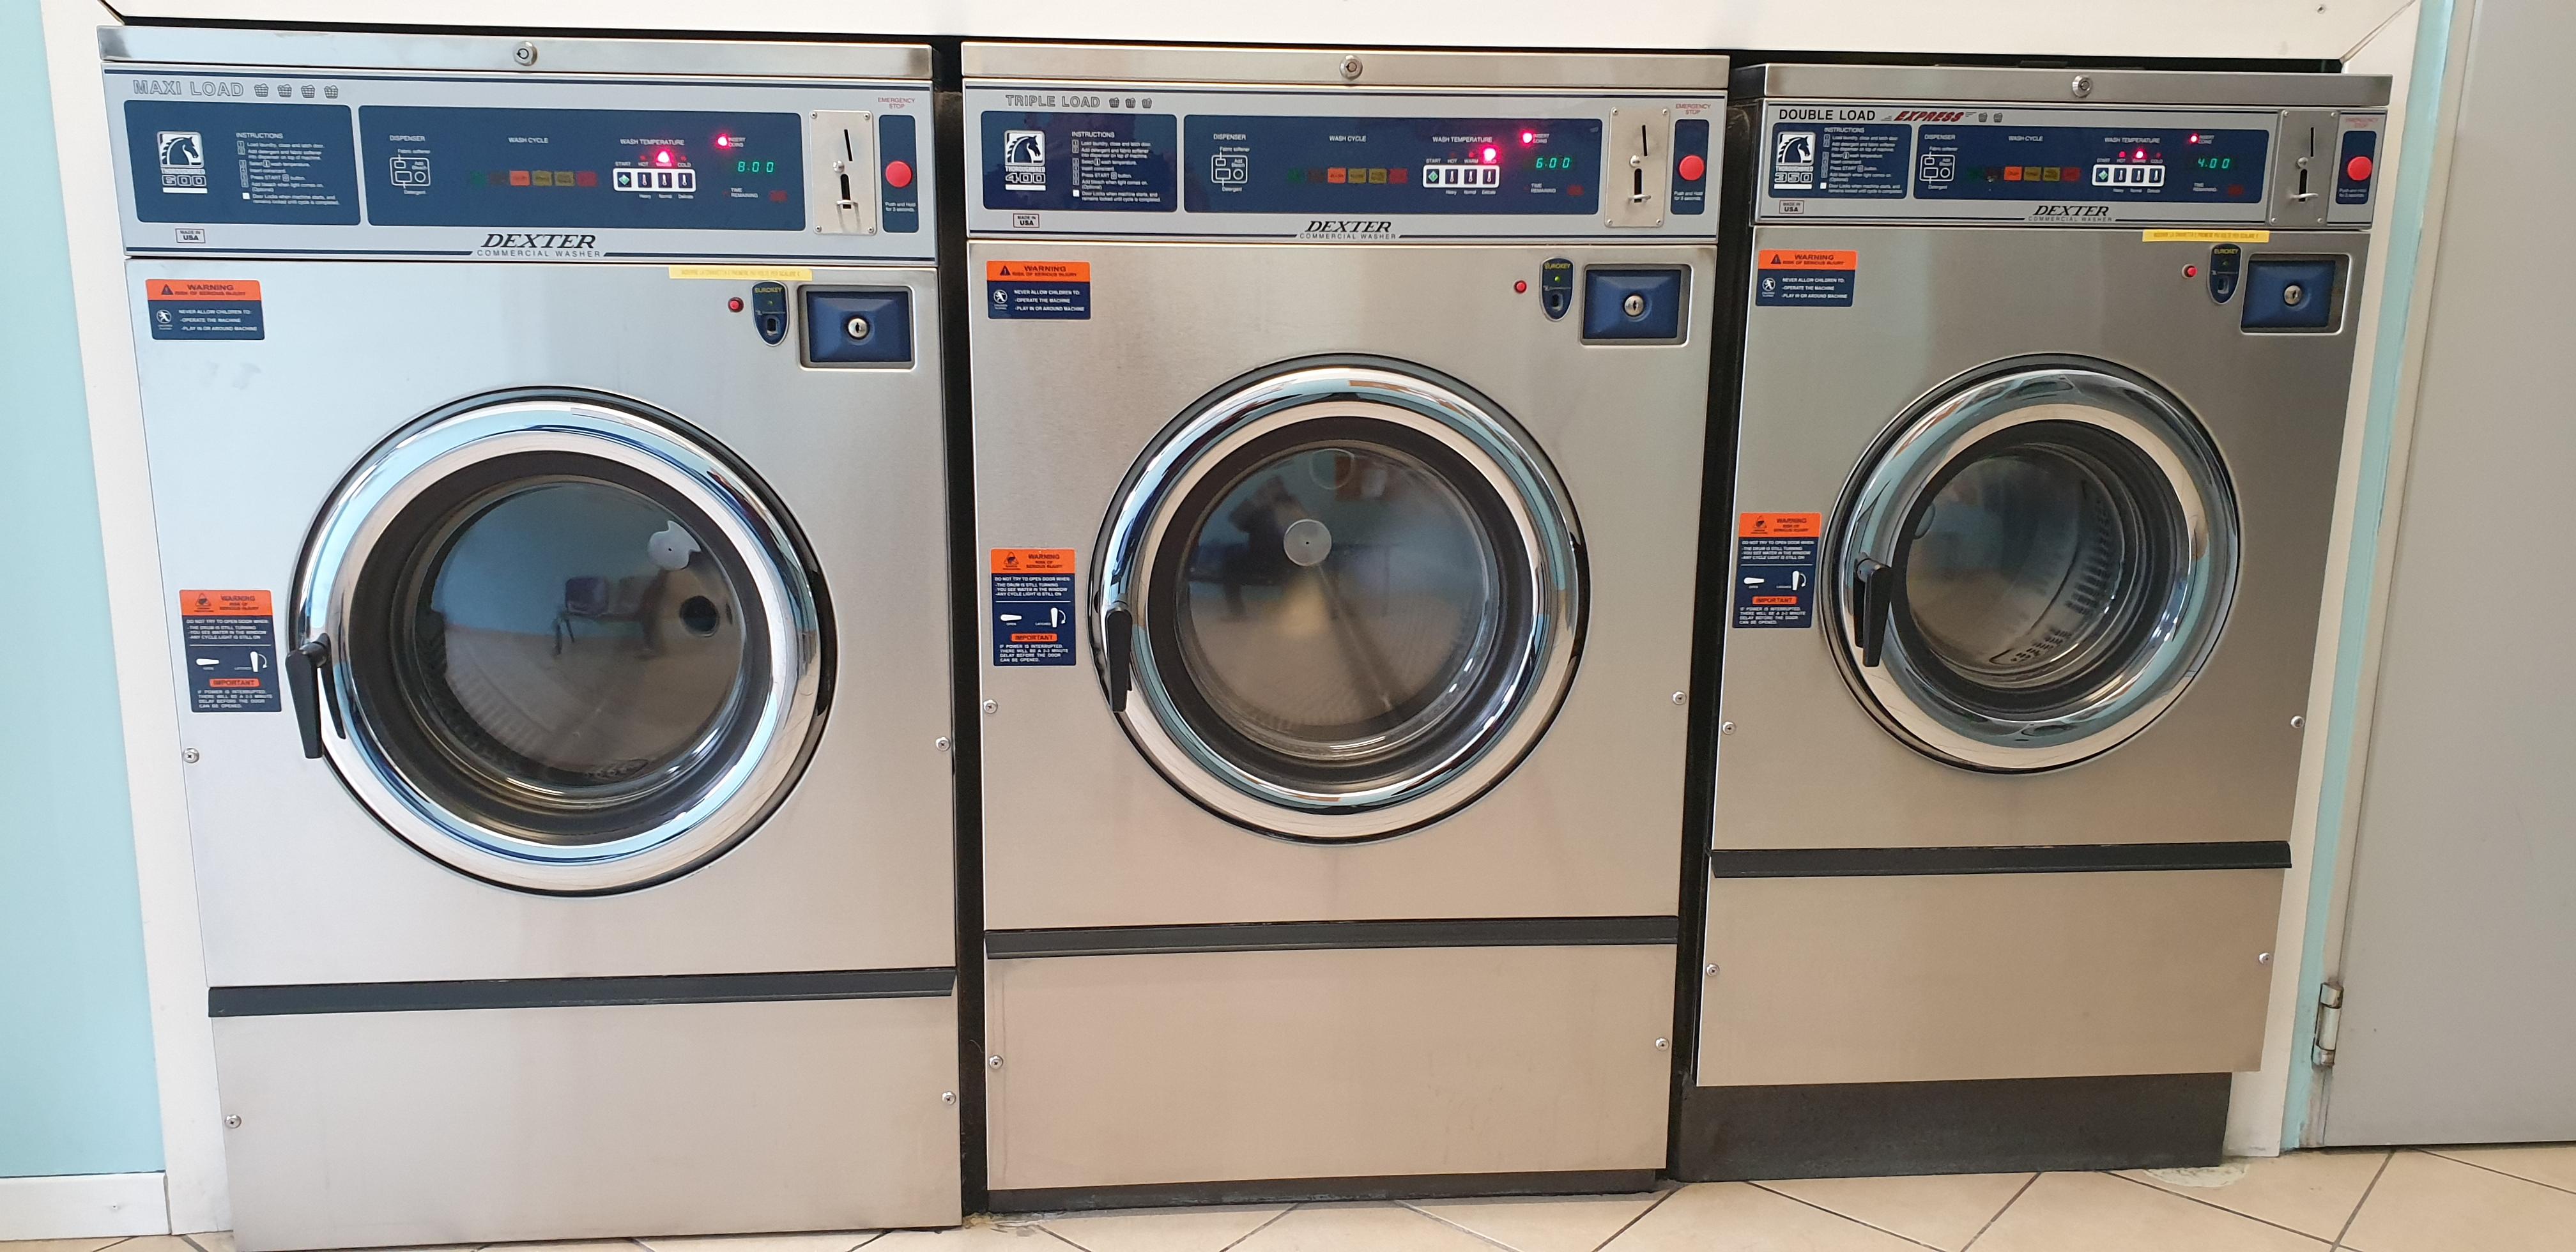 Attrezzatura completa per lavanderia self-service in vendita - foto 1